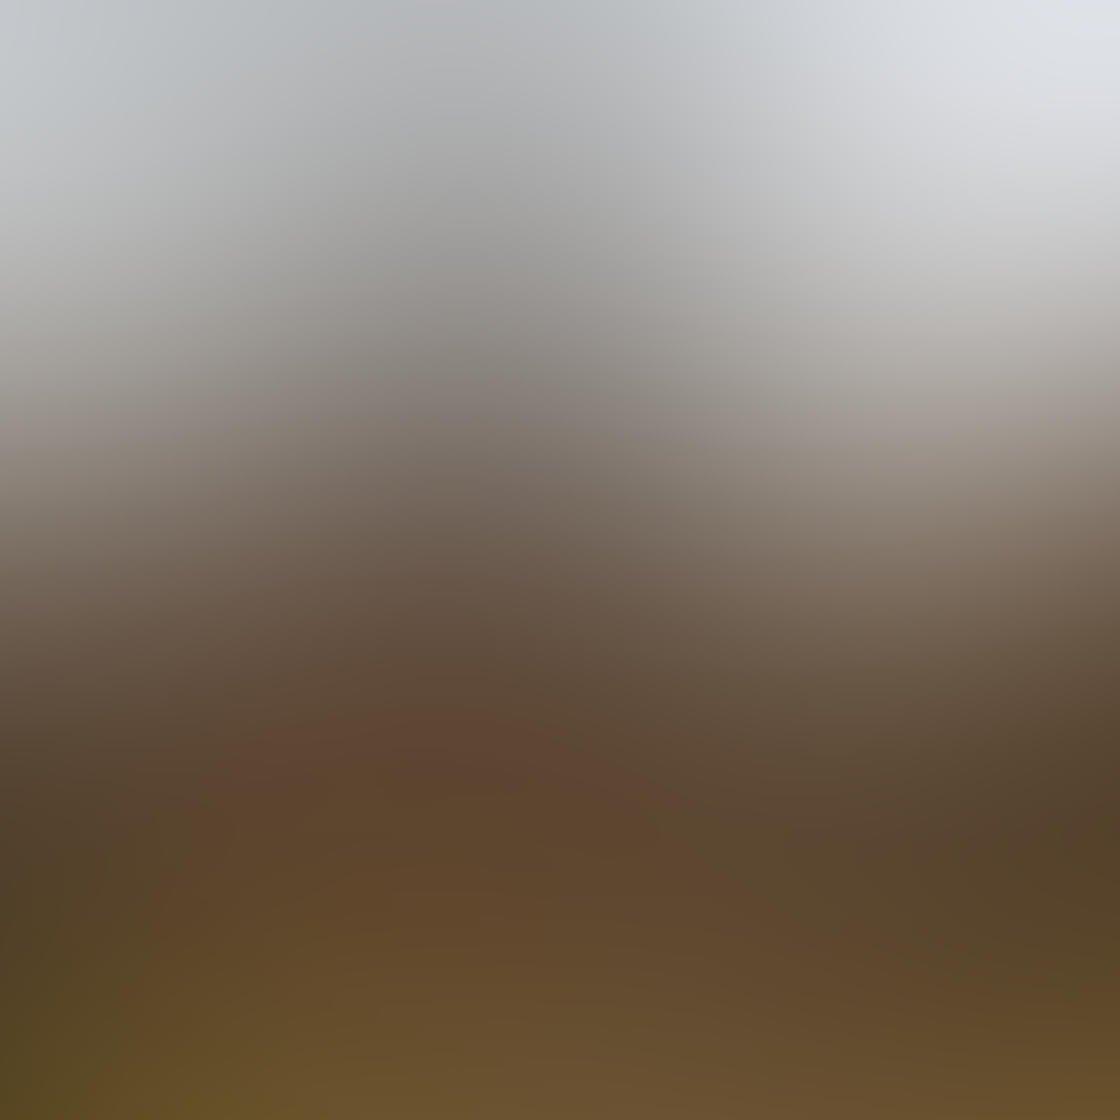 Landscape iPhone Photo Composition 23